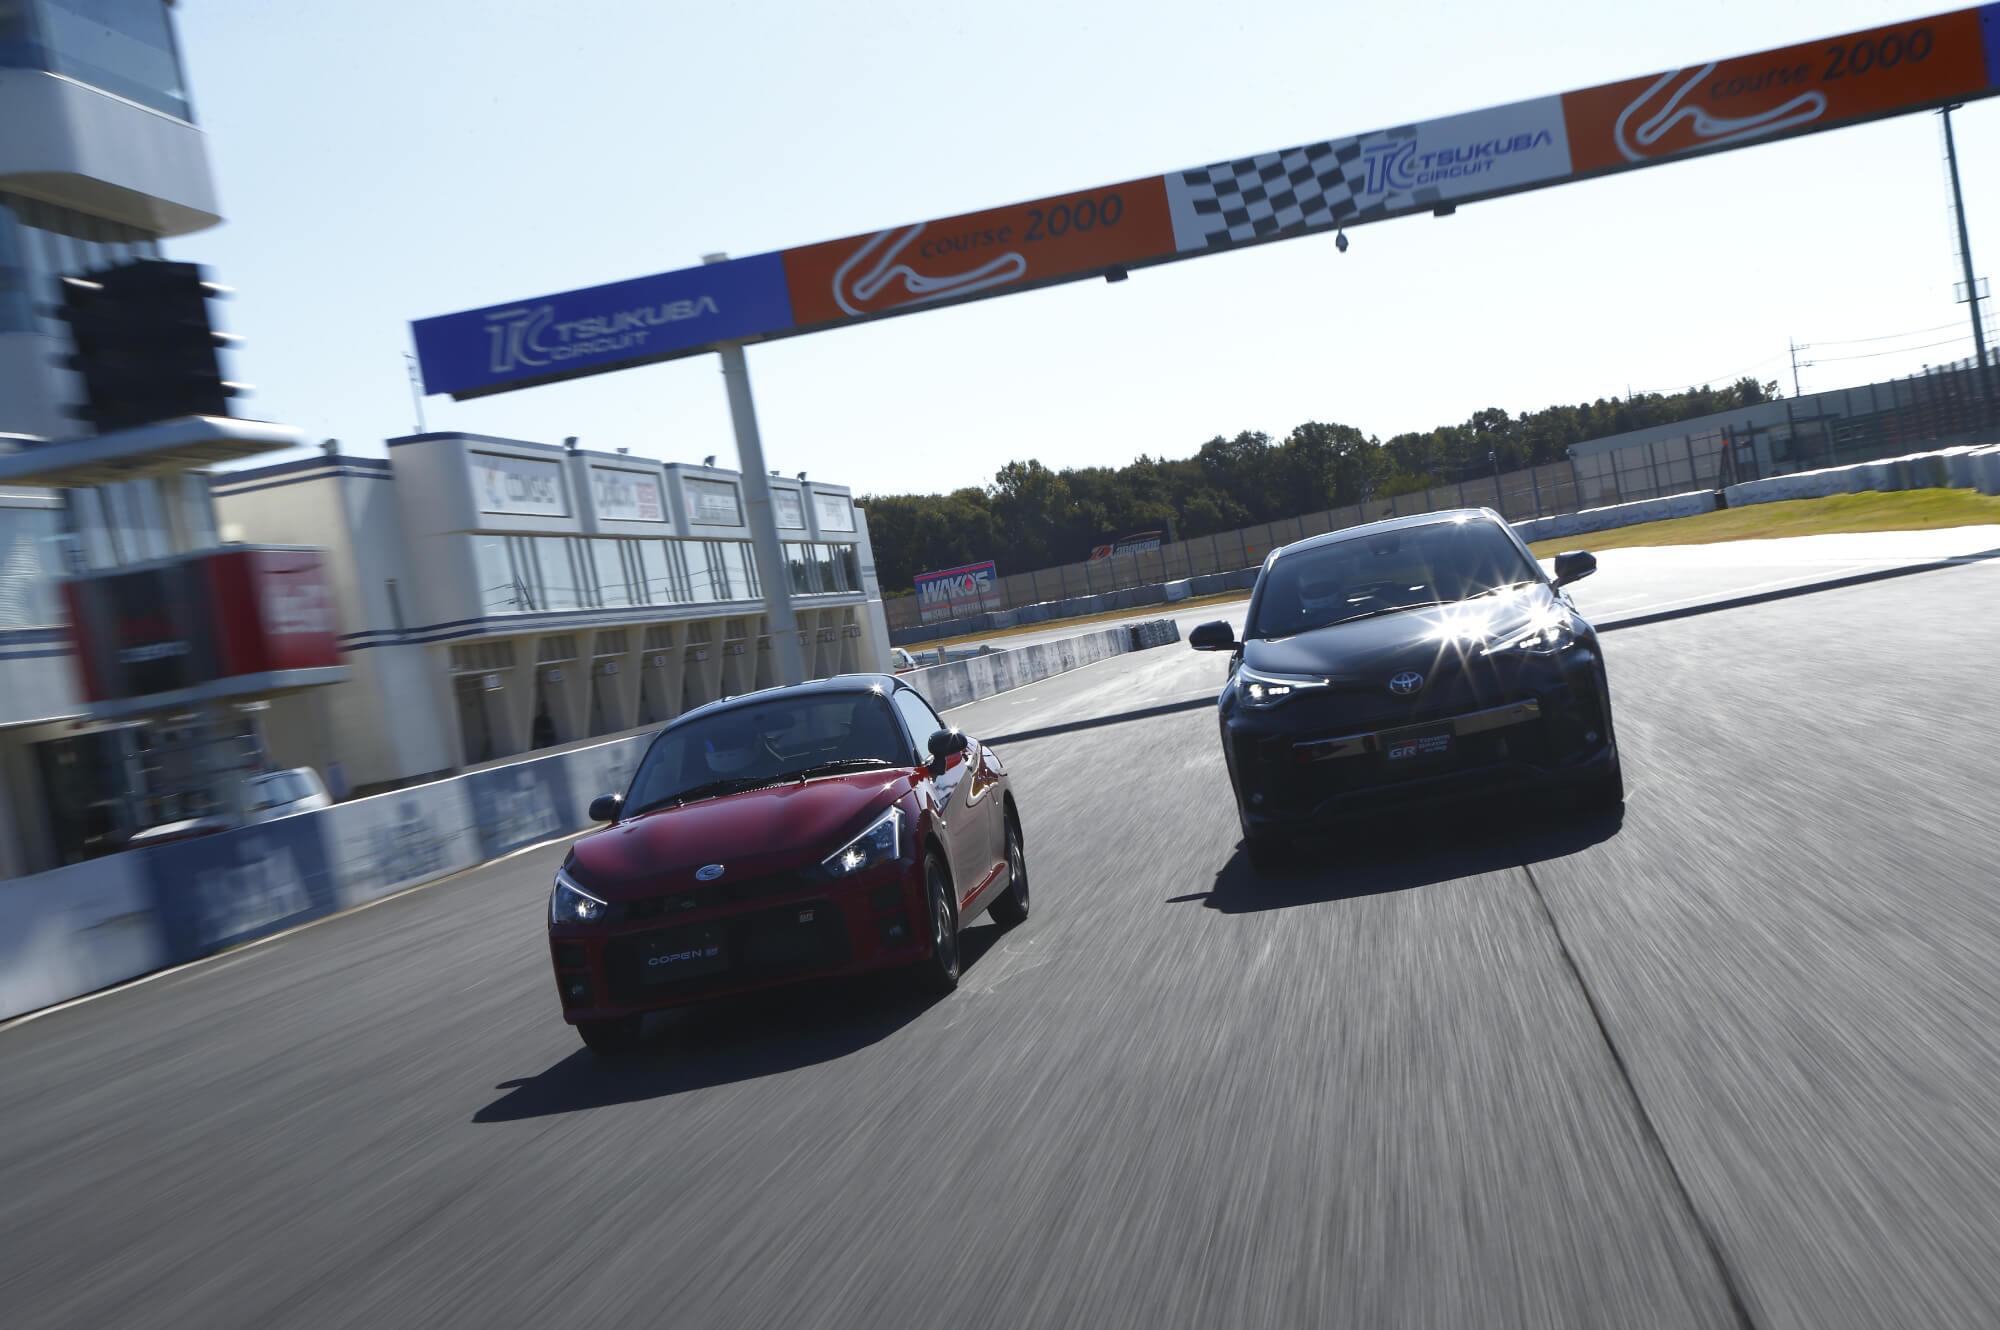 筑波サーキット Minkara Circuit Challenge Vol.10 Presented by TOYOTA GAZOO Racing